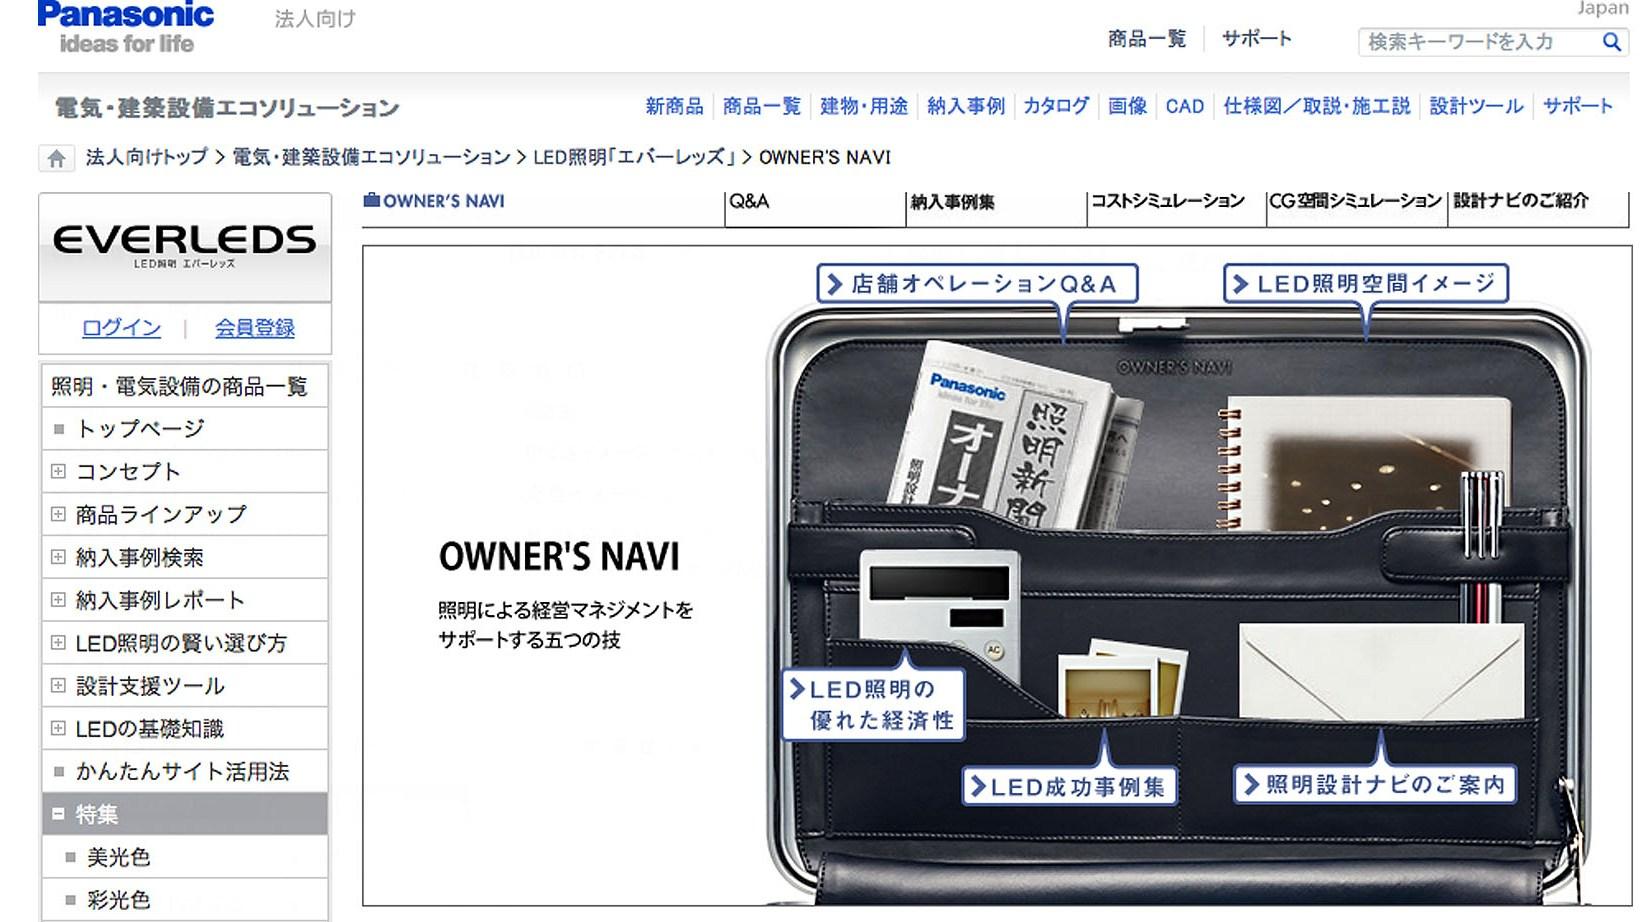 店舗照明設計コミュニケーションWEBサイト「OWNER'S NAVI」 (店舗オーナー専用サイト)